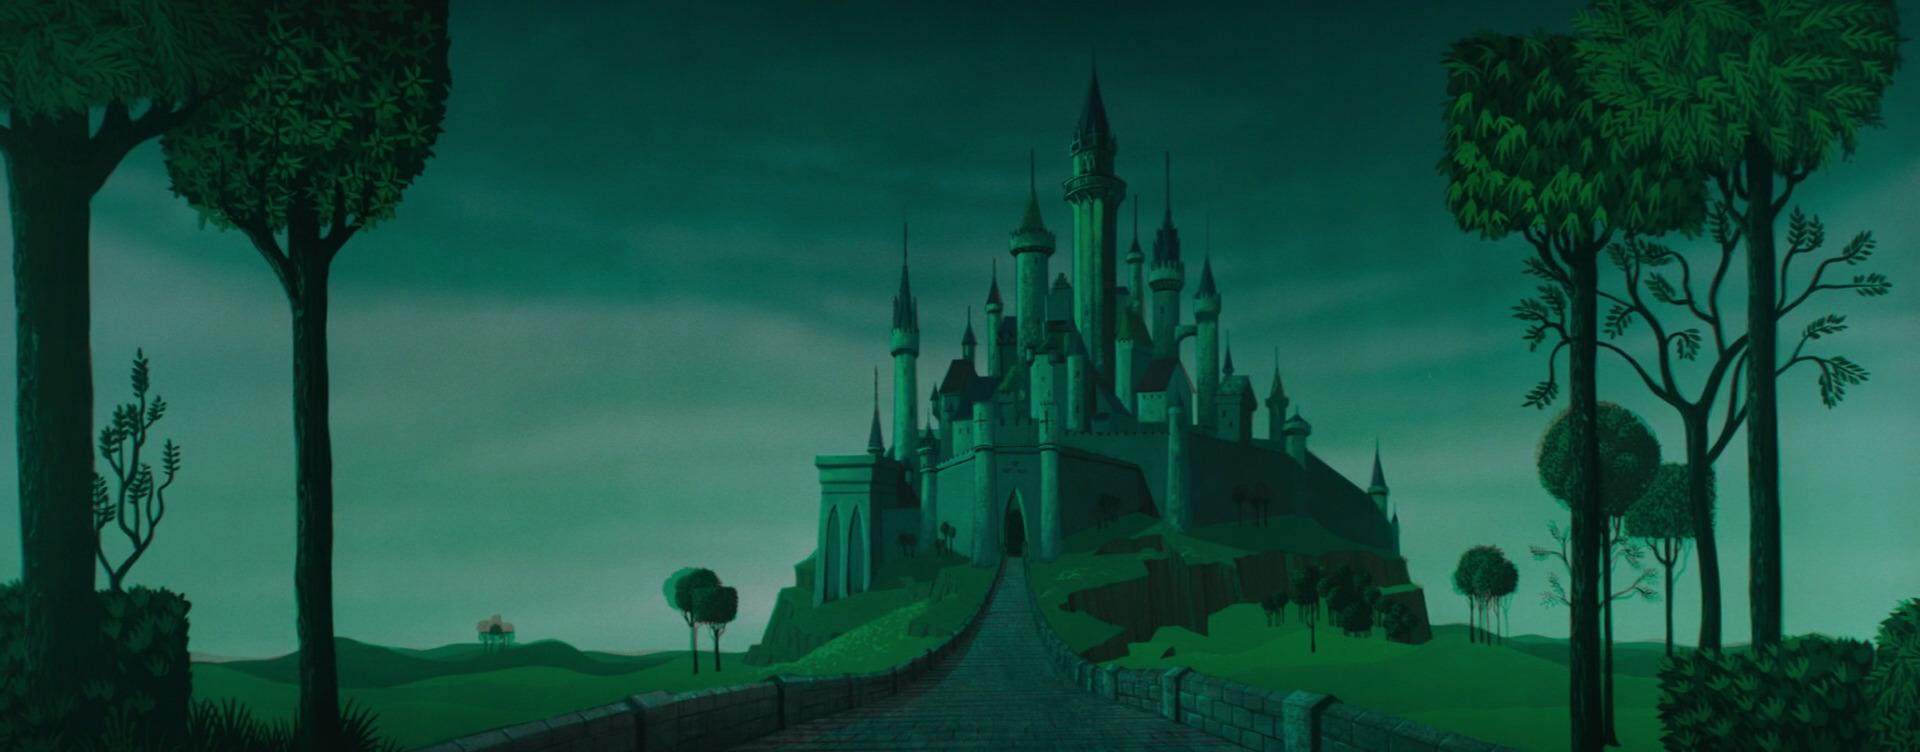 king stefans castle disney wiki fandom powered by wikia